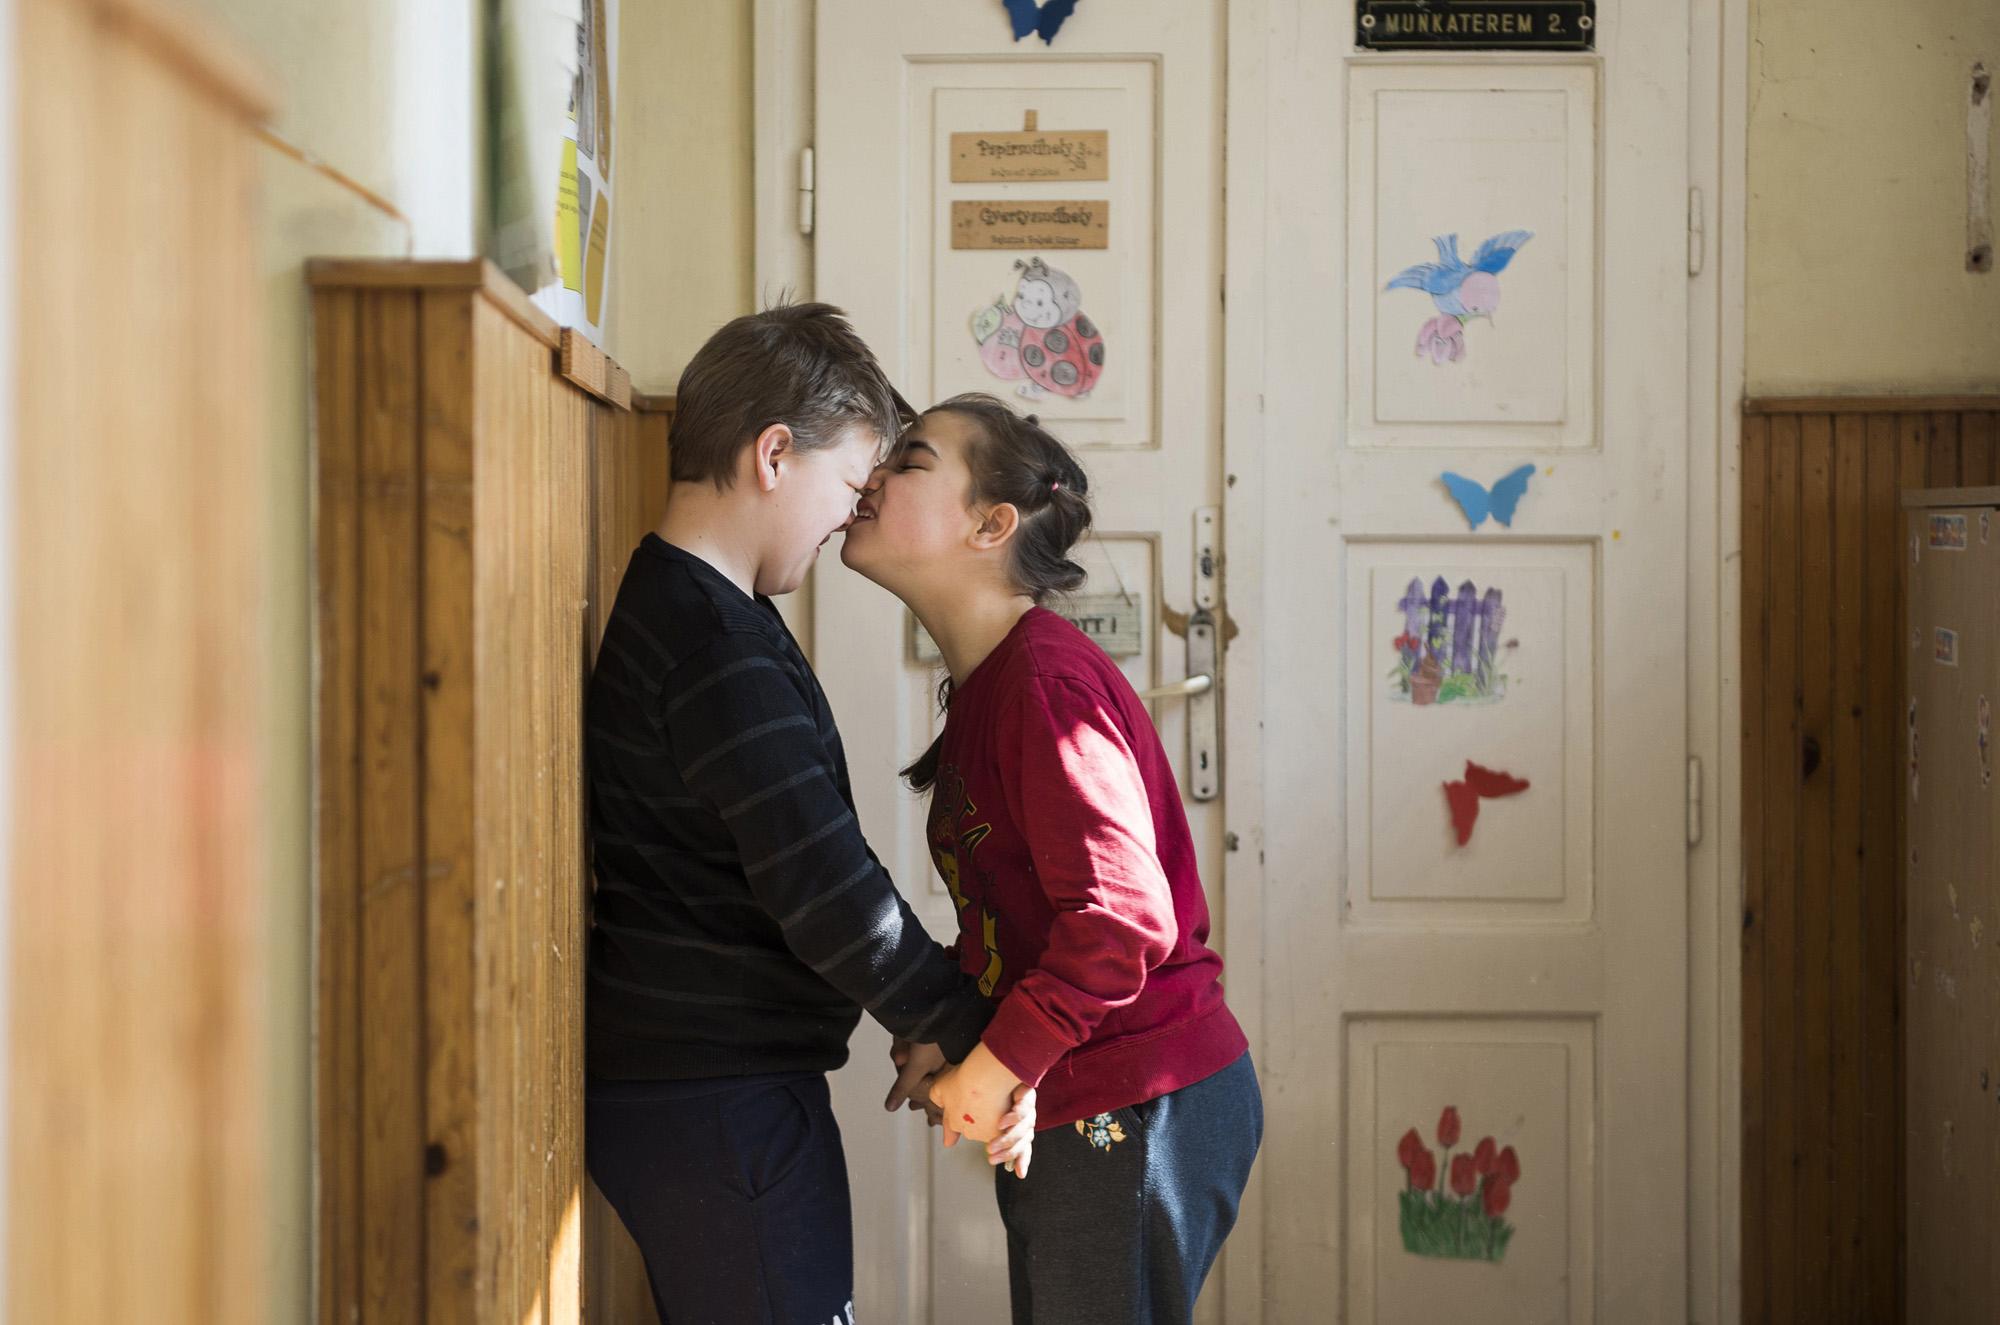 Nyíregyháza, 2017. március 30.Az autizmus spektrumzavarral élő Farkas Laura csoporttársával játszik a Nyíregyházi Bárczi Gusztáv Általános Iskola, Készségfejlesztő Iskola, Kollégium és Egységes Gyógypedagógiai Módszertani Intézmény II. számú speciális autista csoportjában 2017. március 22-én. Az állandó felügyeletet igénylő gyermek nevelésének nehézségei miatt a család felbomlott, a szülők elváltak. A két gyermekét egyedül nevelő Farkas Árpád korábban jól működő vállalkozásaira nem tudott elég időt fordítani, így az egykor jó körülmények között élő család anyagi helyzete megváltozott. A férfi alapító elnöke az autista gyerekek szülői szervezetének, a 2014 tavaszán bejegyzett Most Élsz Egyesületnek, amely folyamatosan keresi a gyógyítás újabb és újabb lehetőségeit.MTI Fotó: Balázs Attila